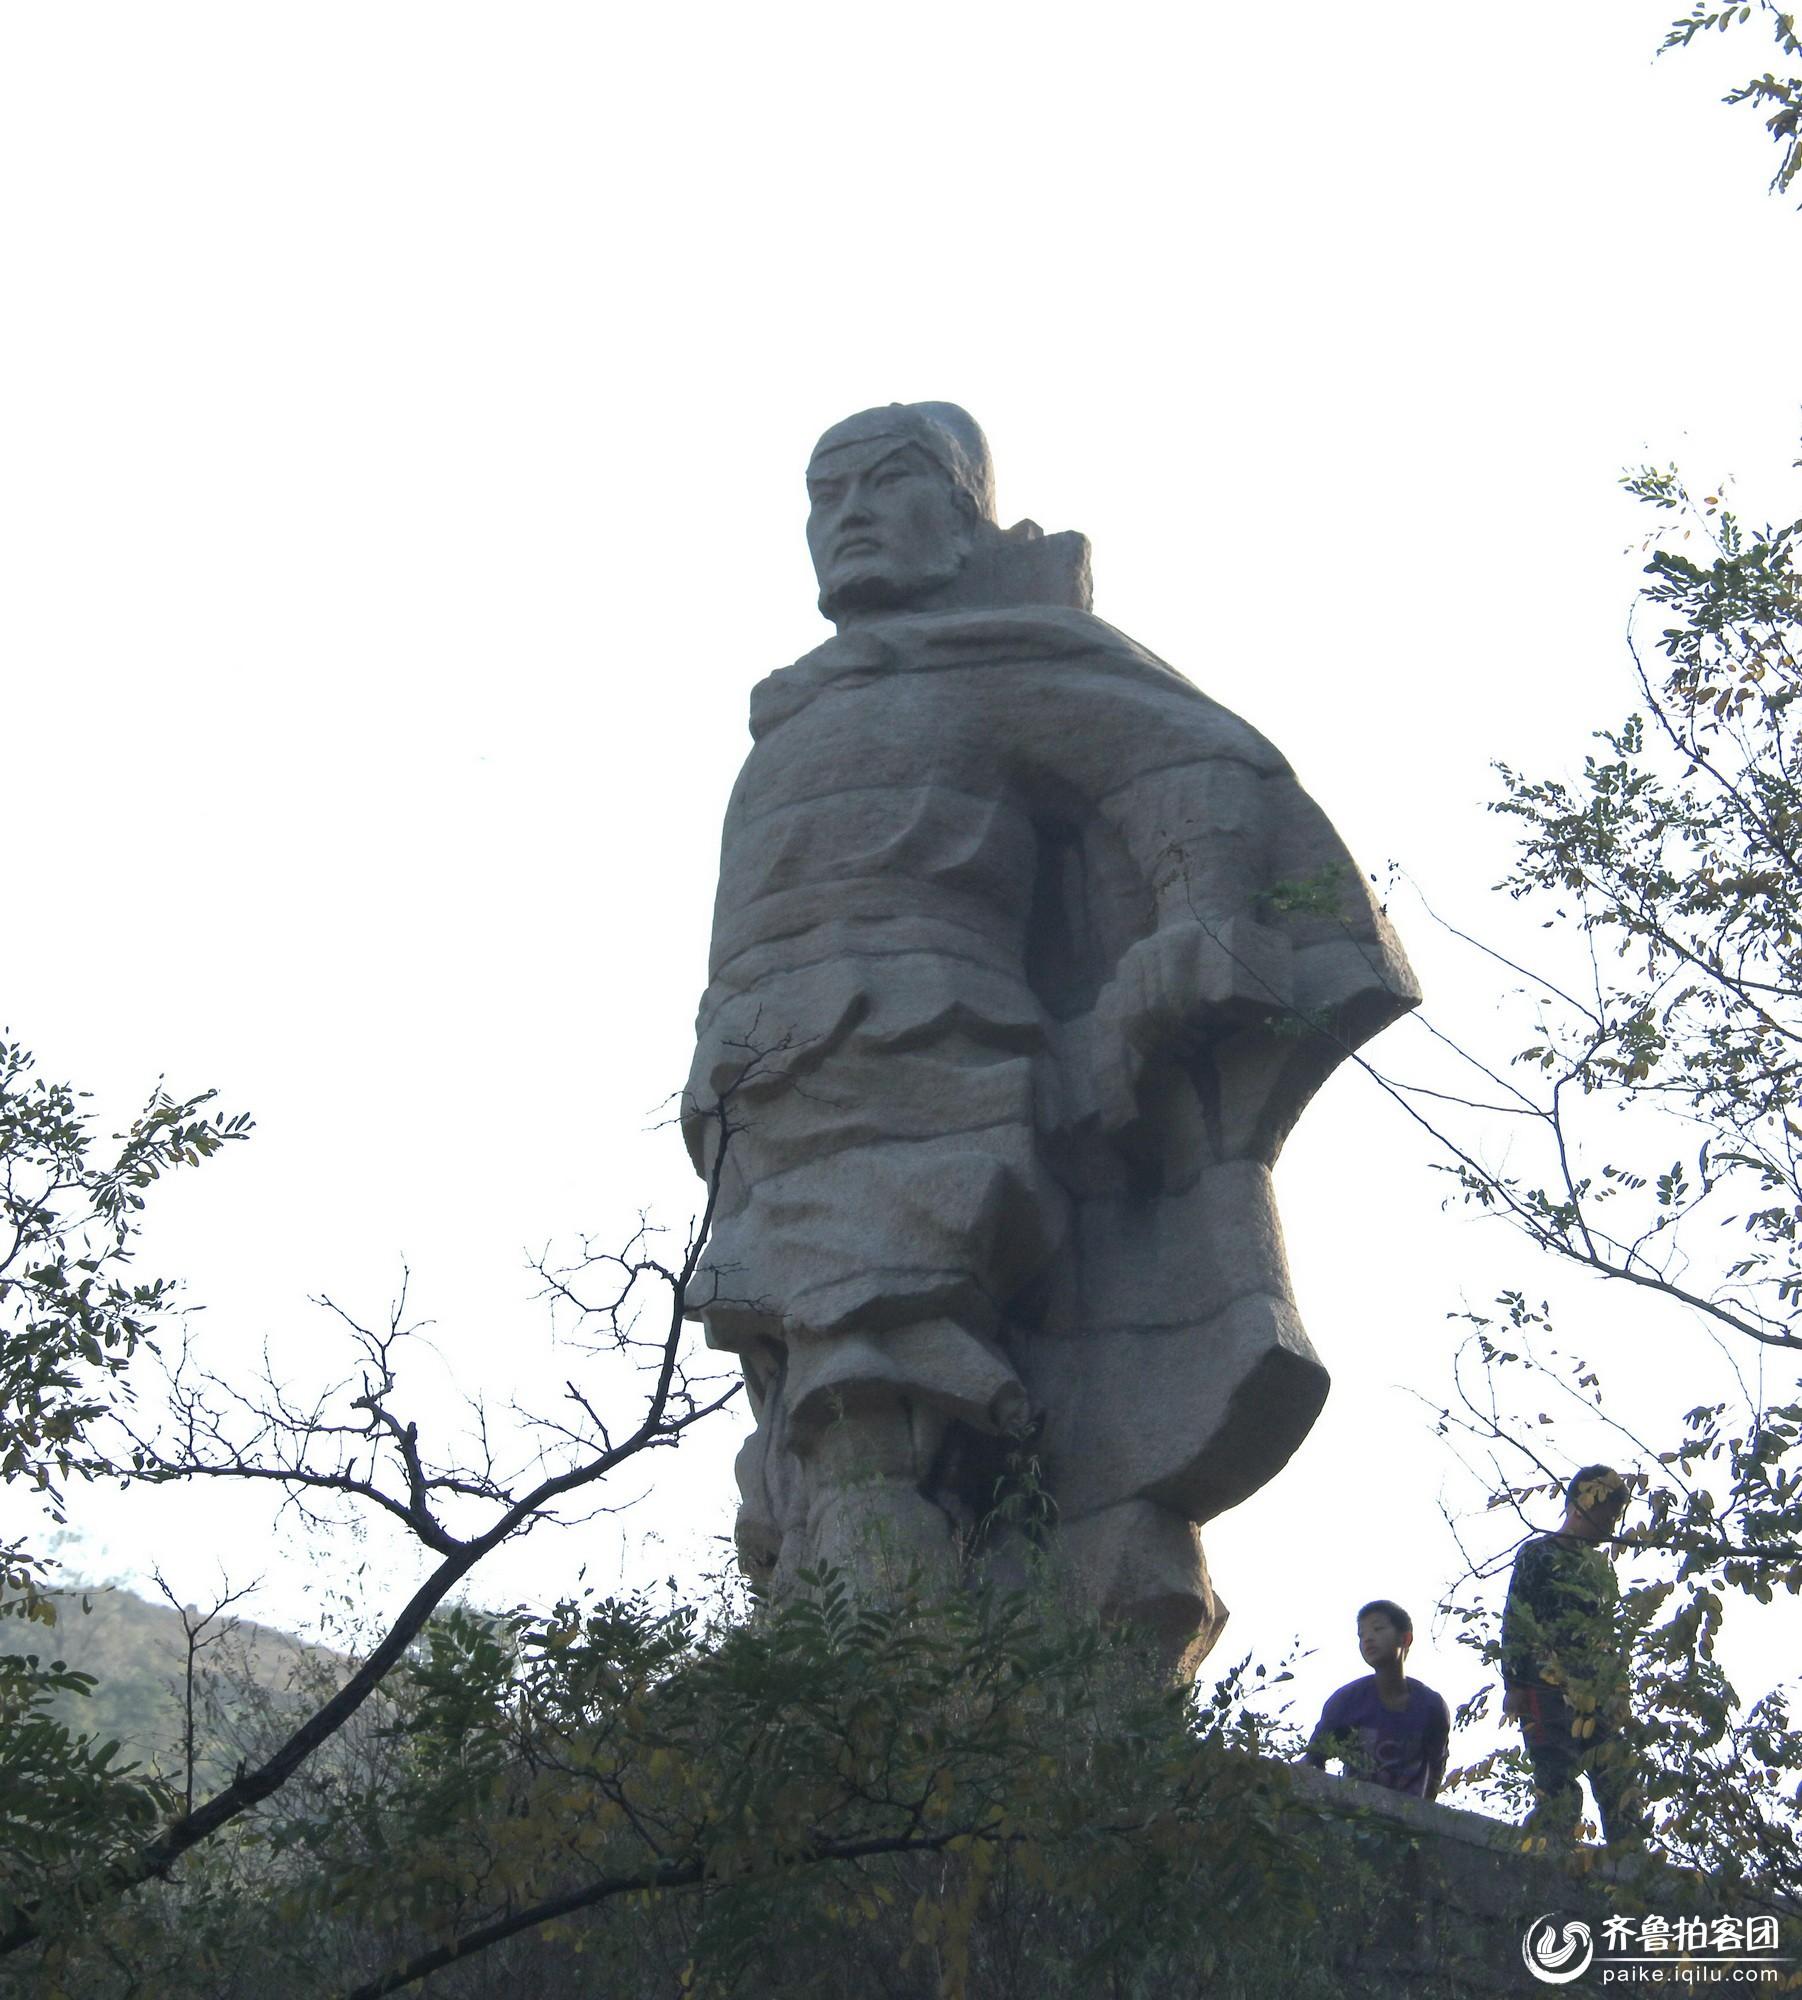 拍遍齐鲁,九九重阳节相约雕窝峪风景区